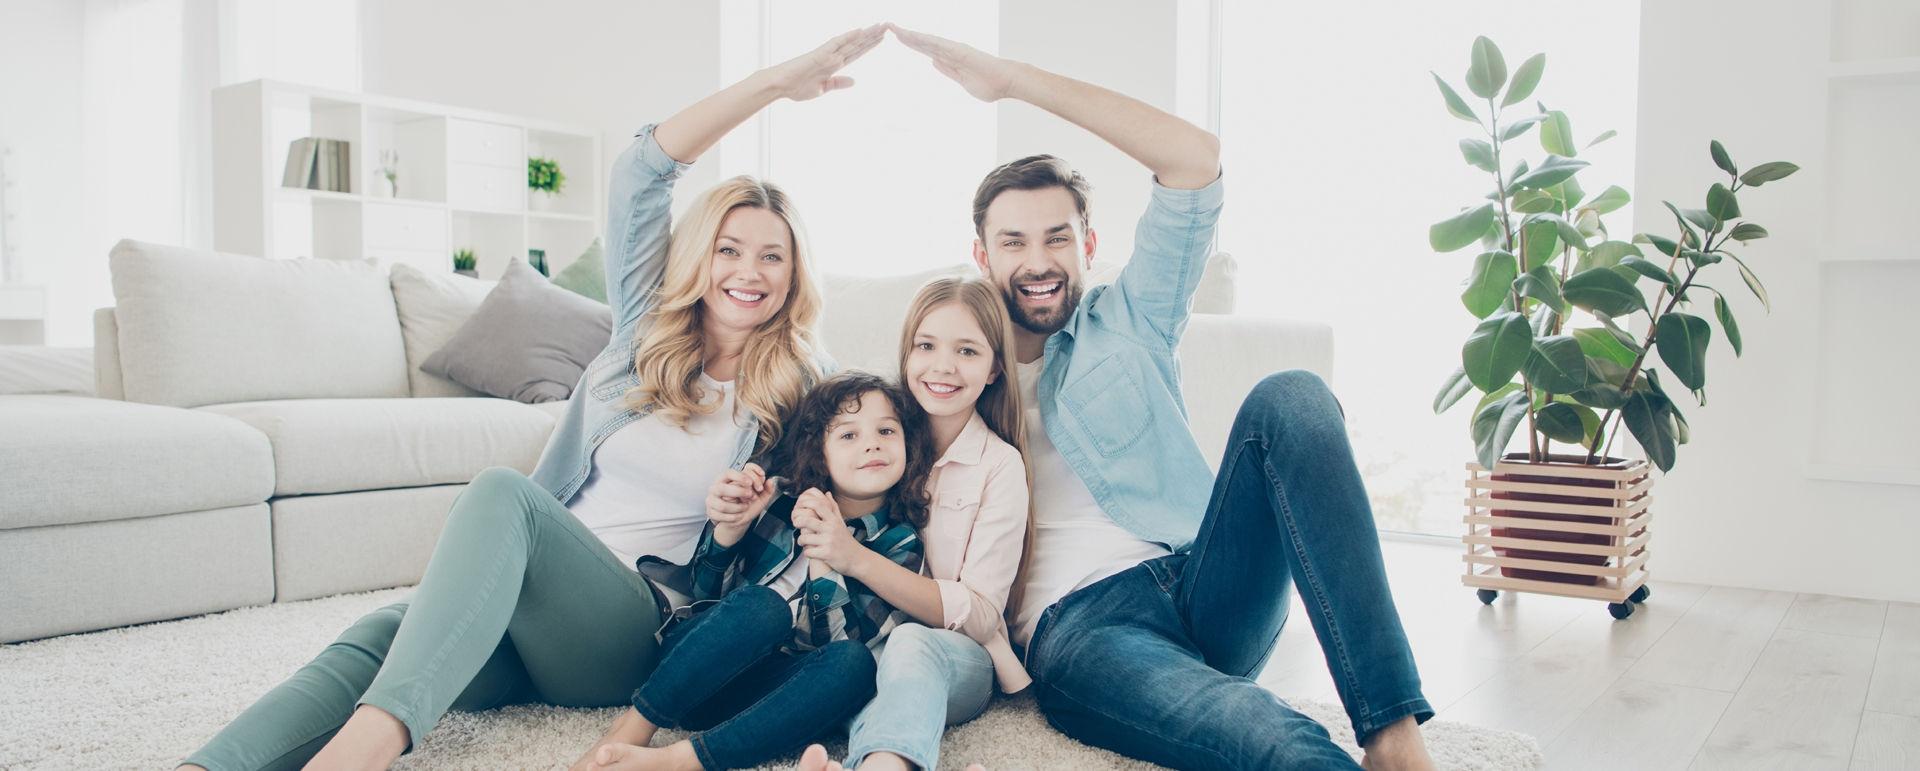 Home - DEWELOPER Z myślą o rodzinie i spokojnym stylu życia